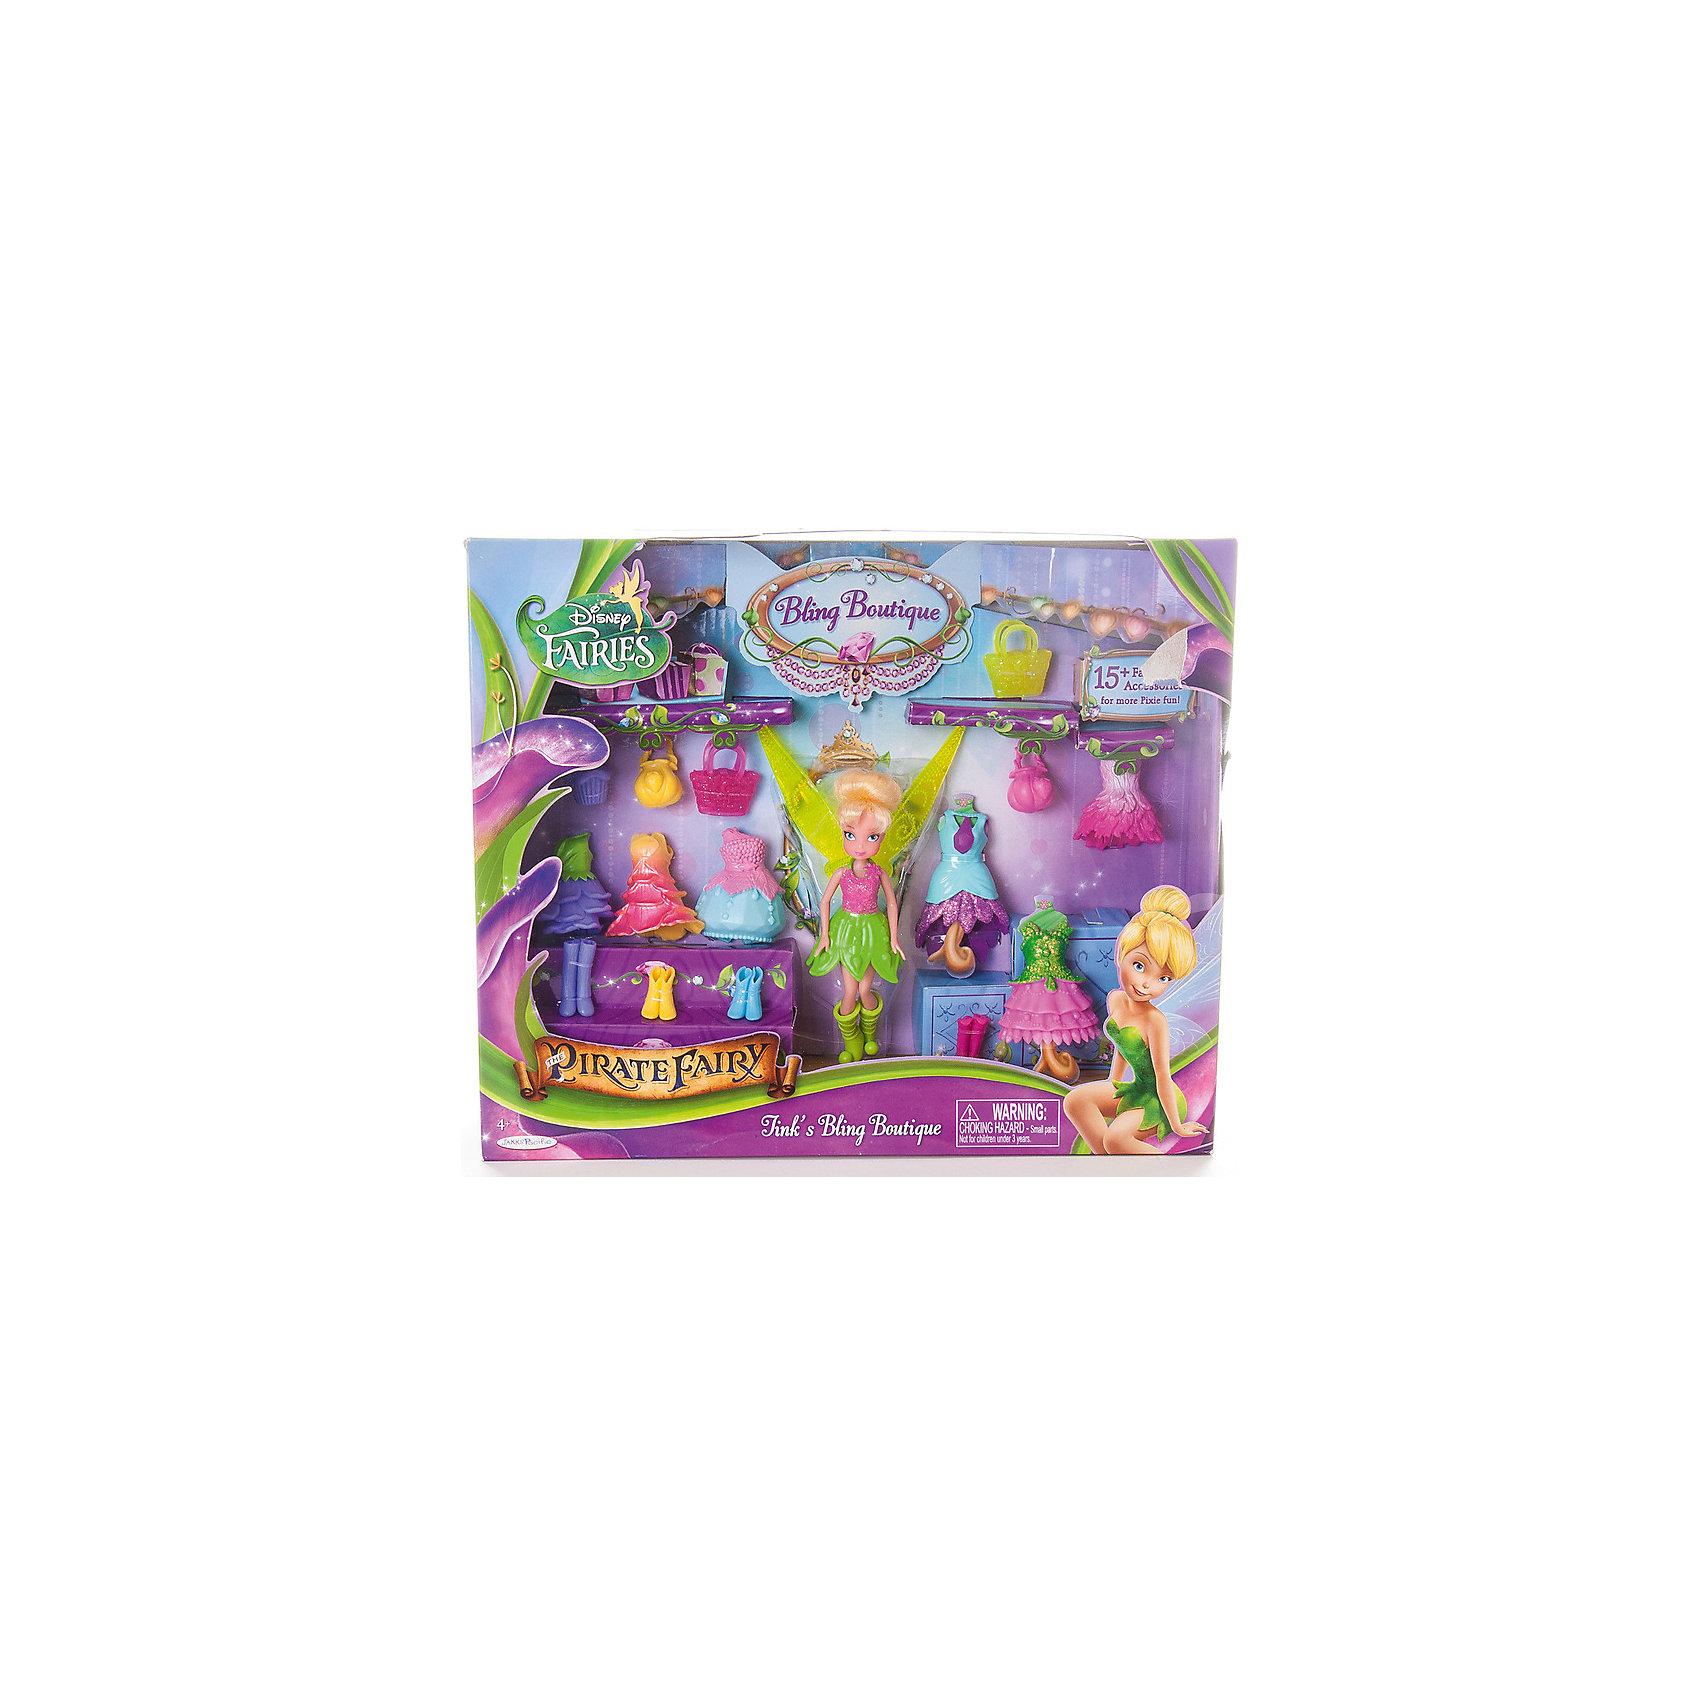 Игровой набор Disney Fairy Бутик с мини-куклой. Фея Динь-ДиньХарактеристики товара:<br><br>- цвет: разноцветный;<br>- материал: пластик;<br>- подвижные части тела;<br>- комплектация: кукла, аксессуары;<br>- размер упаковки: 25х6х30 см.<br>- размер куклы: 11 см.<br><br>Эти симпатичные куклы в виде фей из диснеевского мультфильма «Тайны пиратского острова» от известного бренда не оставят девочку равнодушной! Какая девочка сможет отказаться поиграть с куклами, которых можно переодевать благодаря набору аксессуаров?! В комплект входят наряды и аксессуары. Игрушка очень качественно выполнена, поэтому она станет замечательным подарком ребенку. <br>Продается набор в красивой удобной упаковке. Изделие произведено из высококачественного материала, безопасного для детей.<br><br>Игровой набор «Бутик», с аксессуарами, зеленый, Феи Дисней, можно купить в нашем интернет-магазине.<br><br>Ширина мм: 305<br>Глубина мм: 255<br>Высота мм: 60<br>Вес г: 435<br>Возраст от месяцев: 36<br>Возраст до месяцев: 2147483647<br>Пол: Женский<br>Возраст: Детский<br>SKU: 5140248